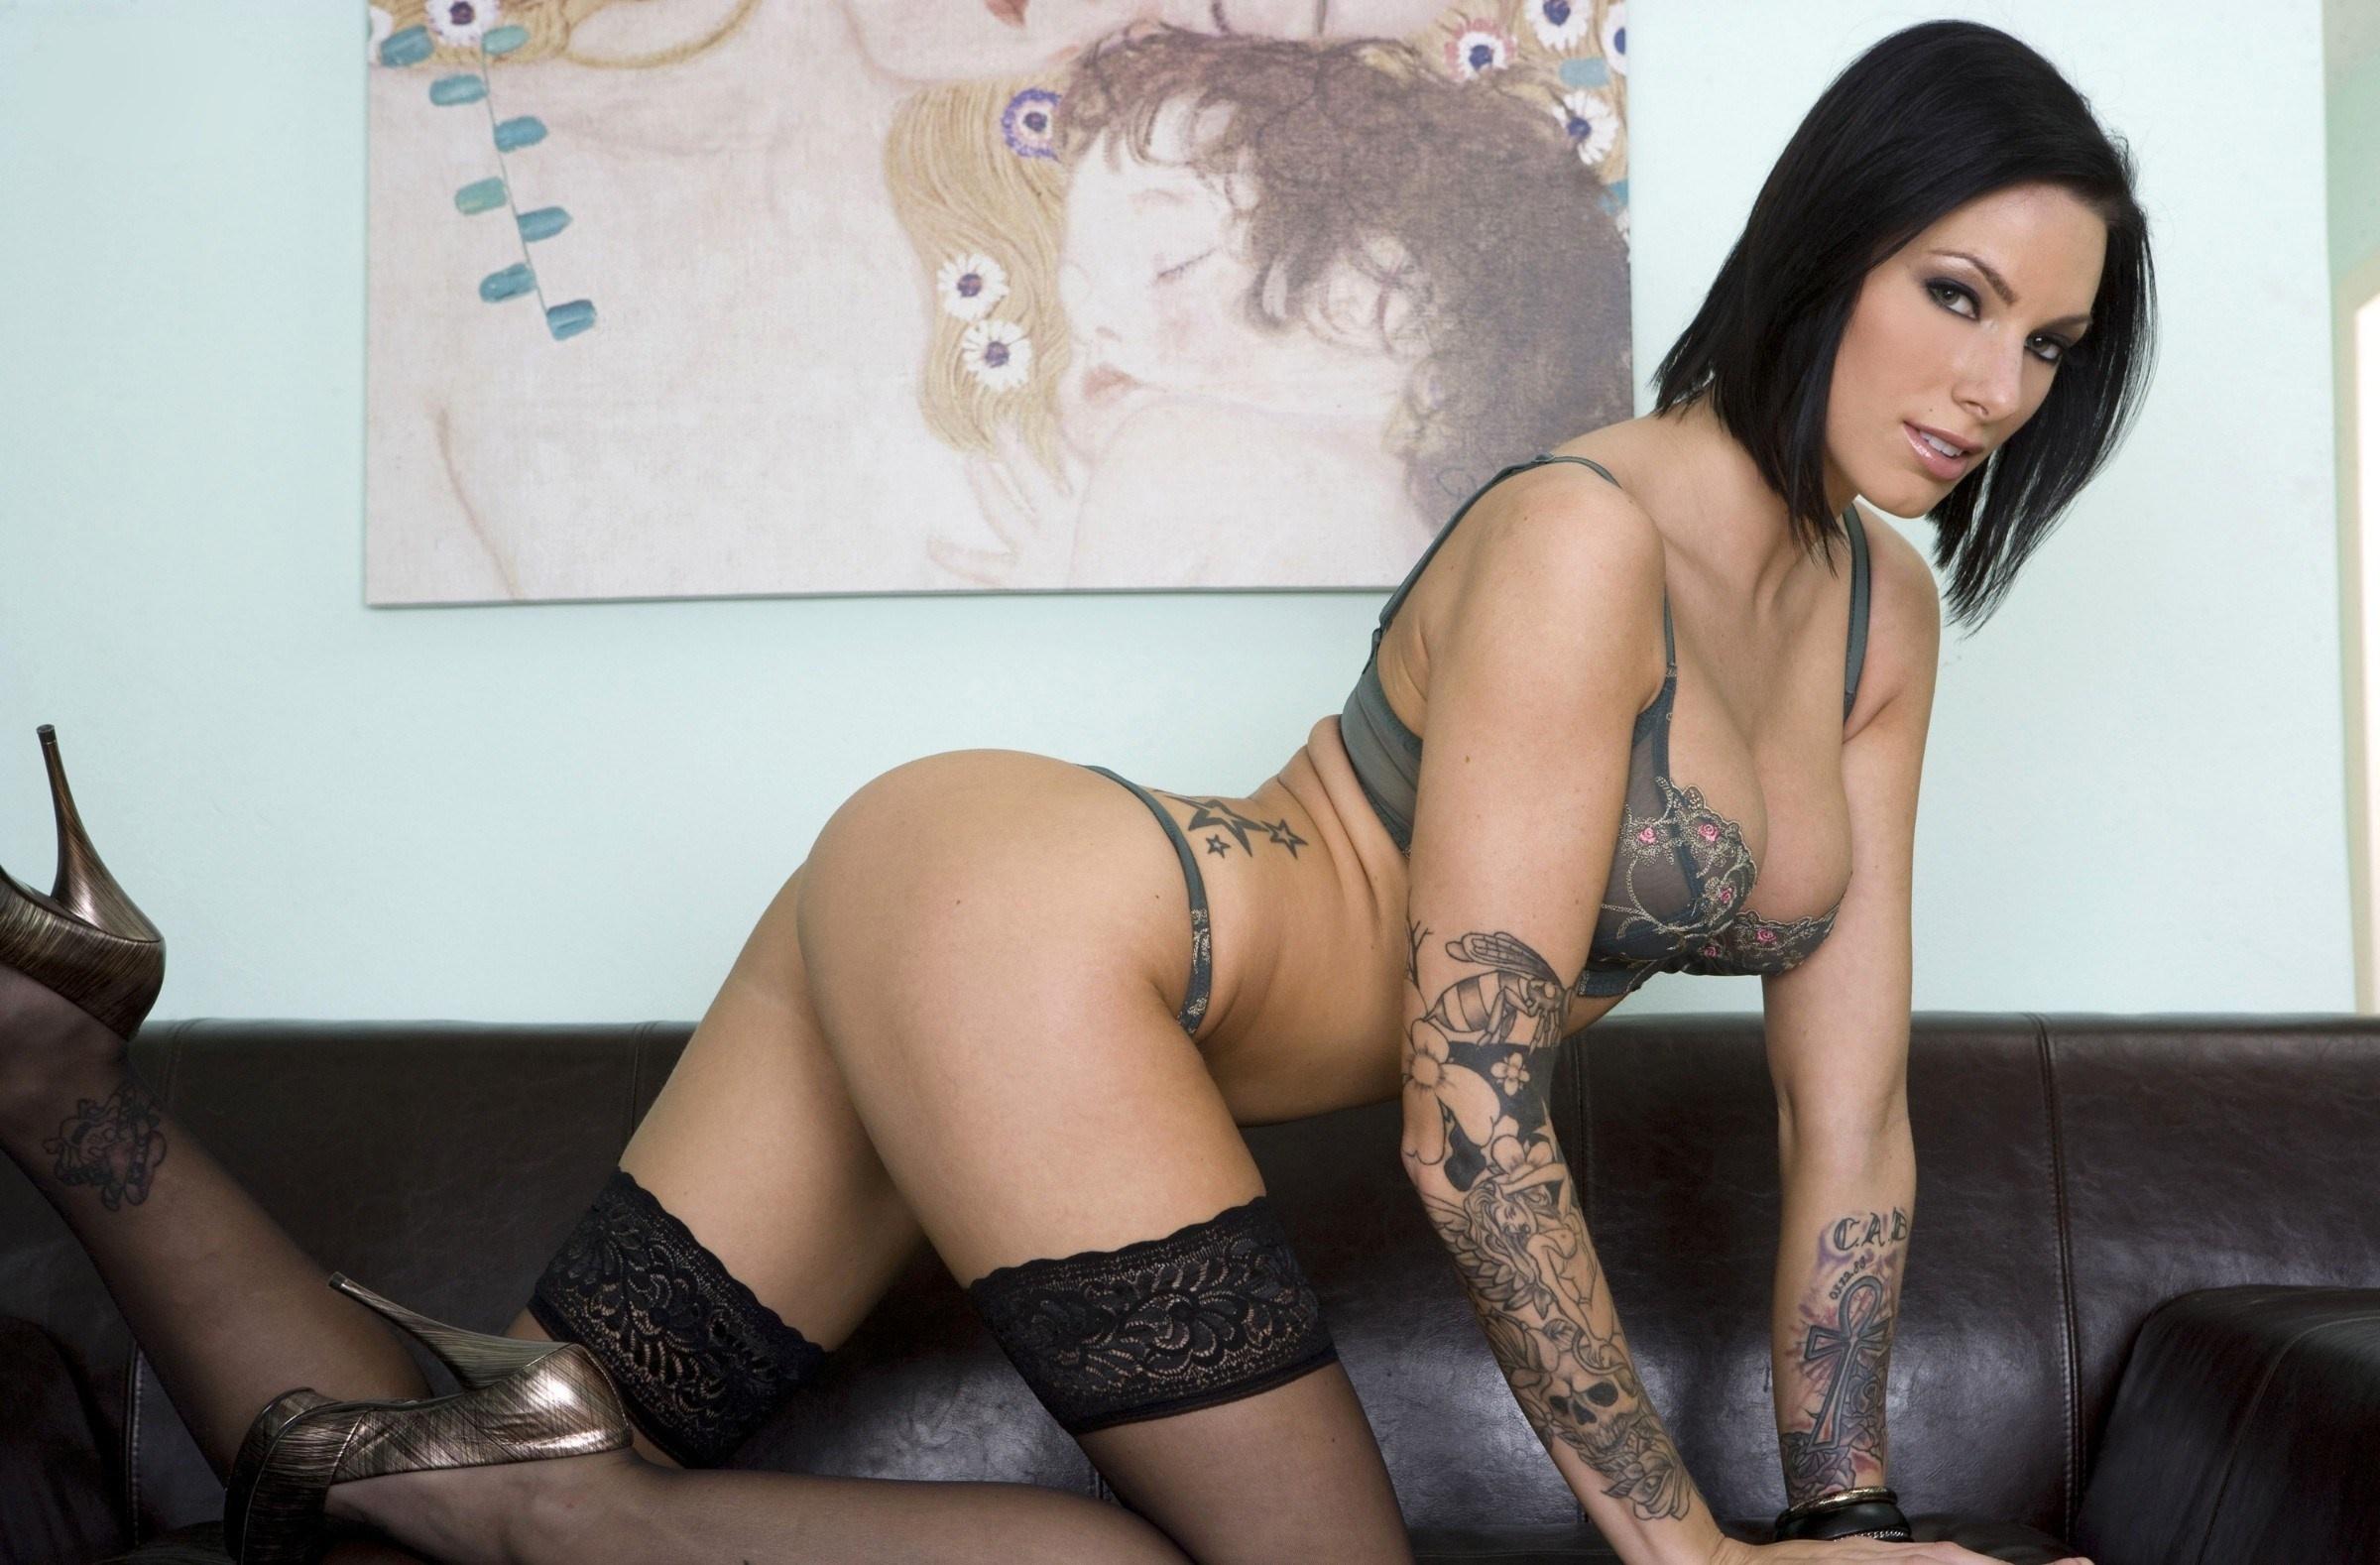 Порно блондинка с татуировкой на левом плече #1